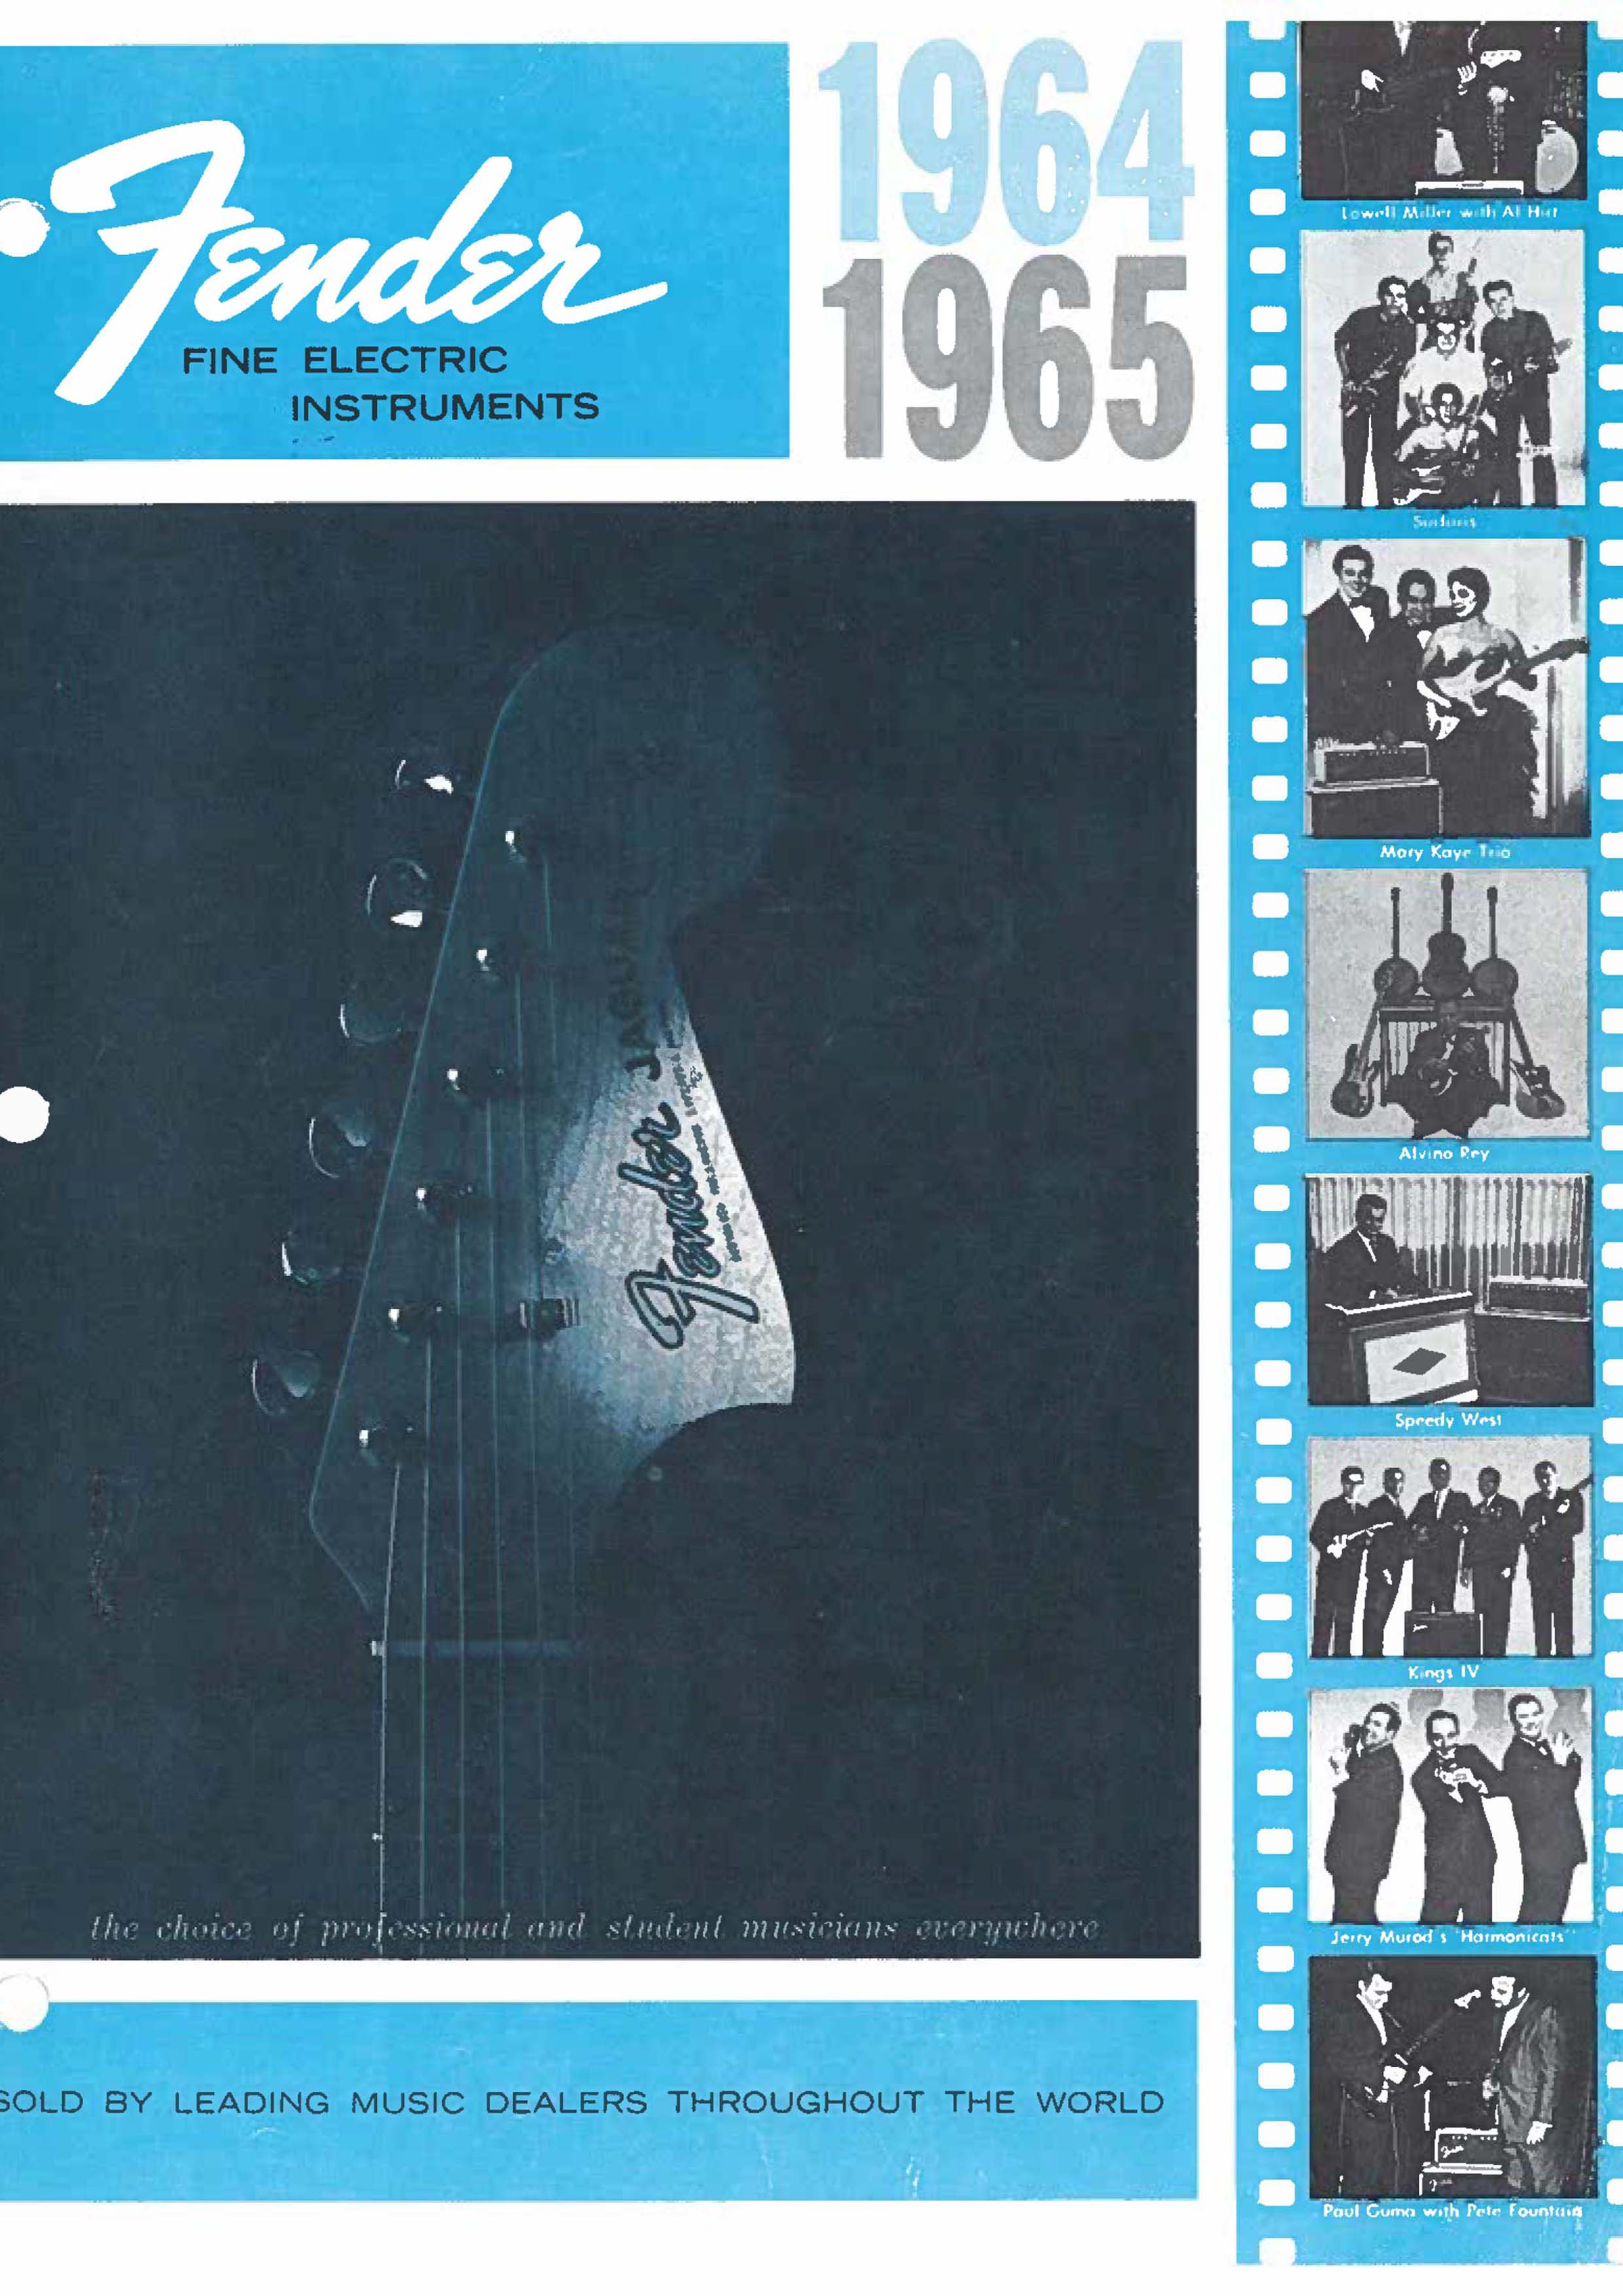 Fender Catalog 1964-65